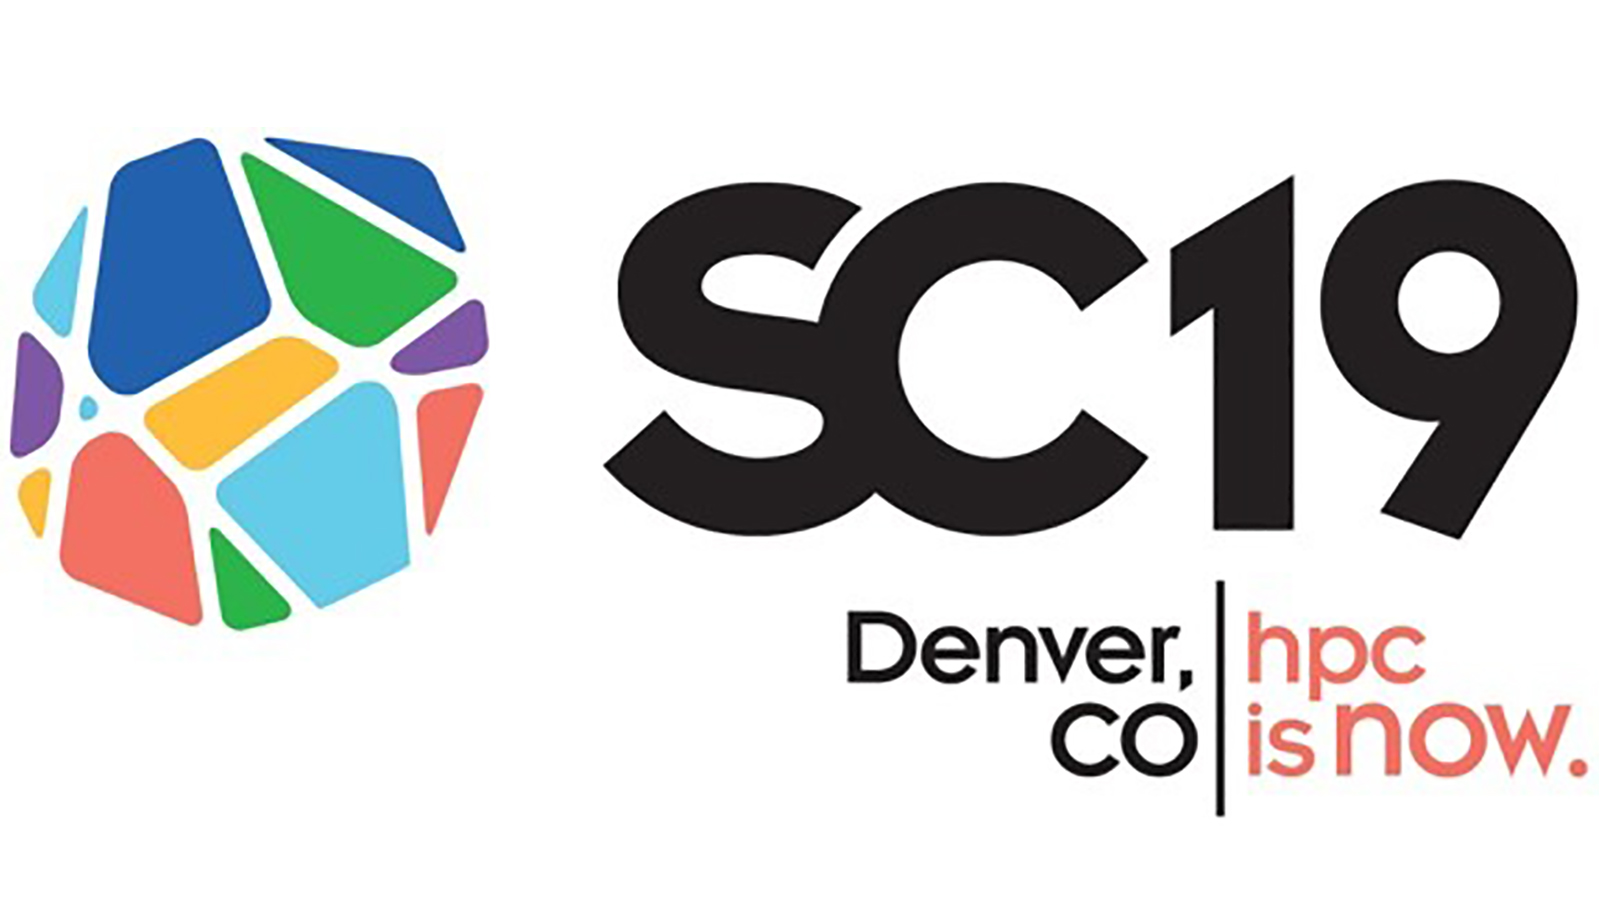 SC19 Denver, CO hpc is now logo